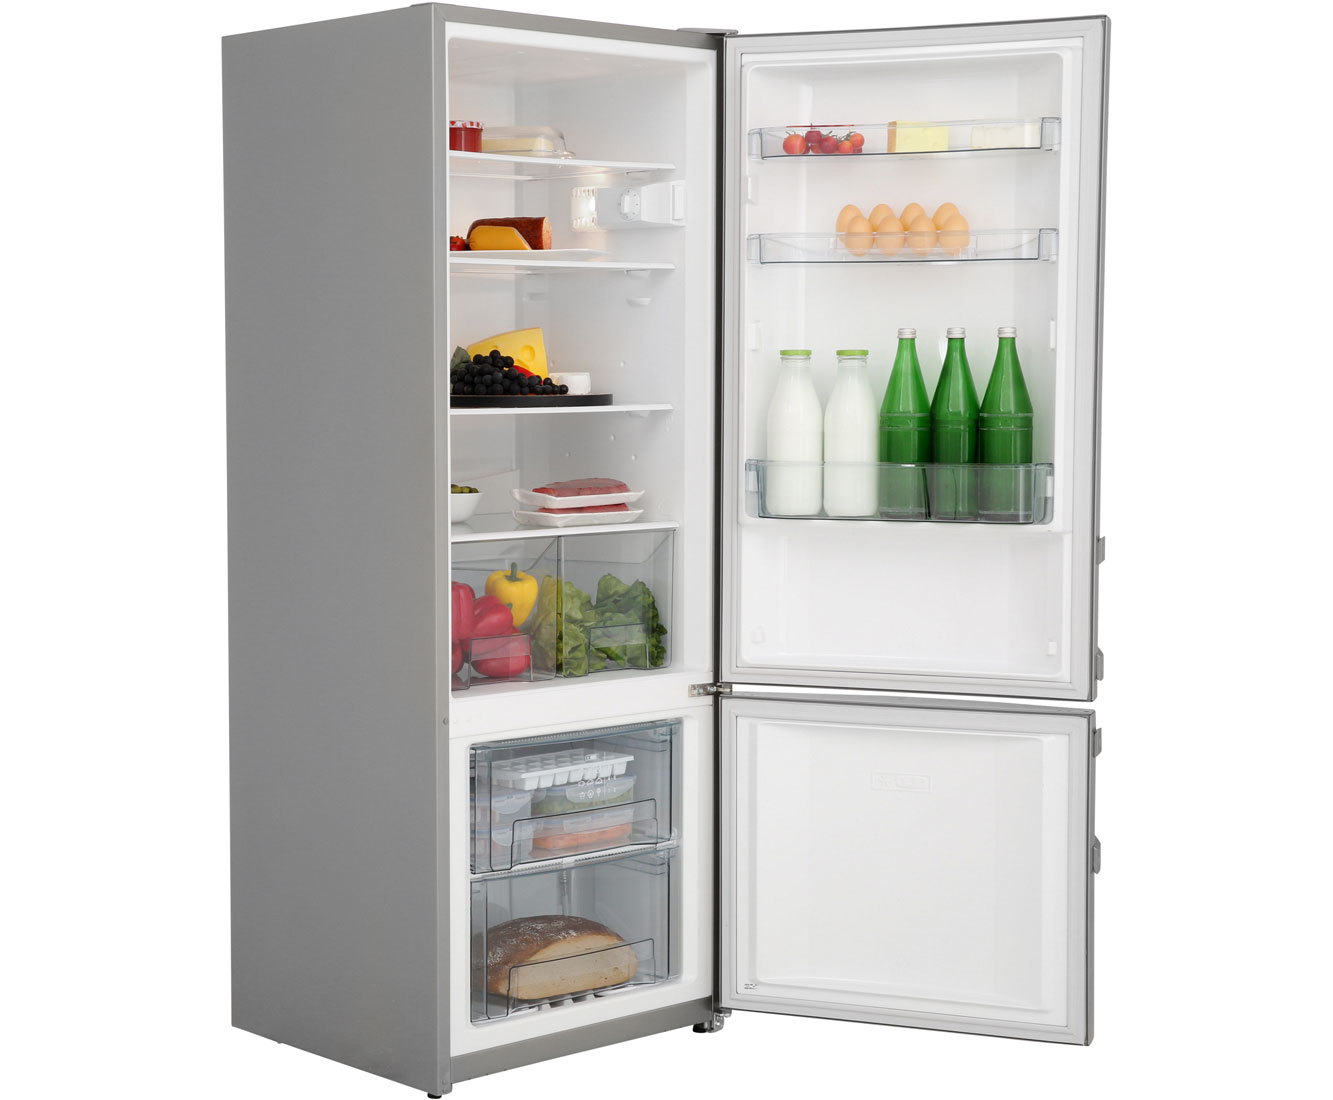 Gorenje Kühlschrank Edelstahl : Gorenje rk kühl gefrierkombination freistehend edelstahl neu